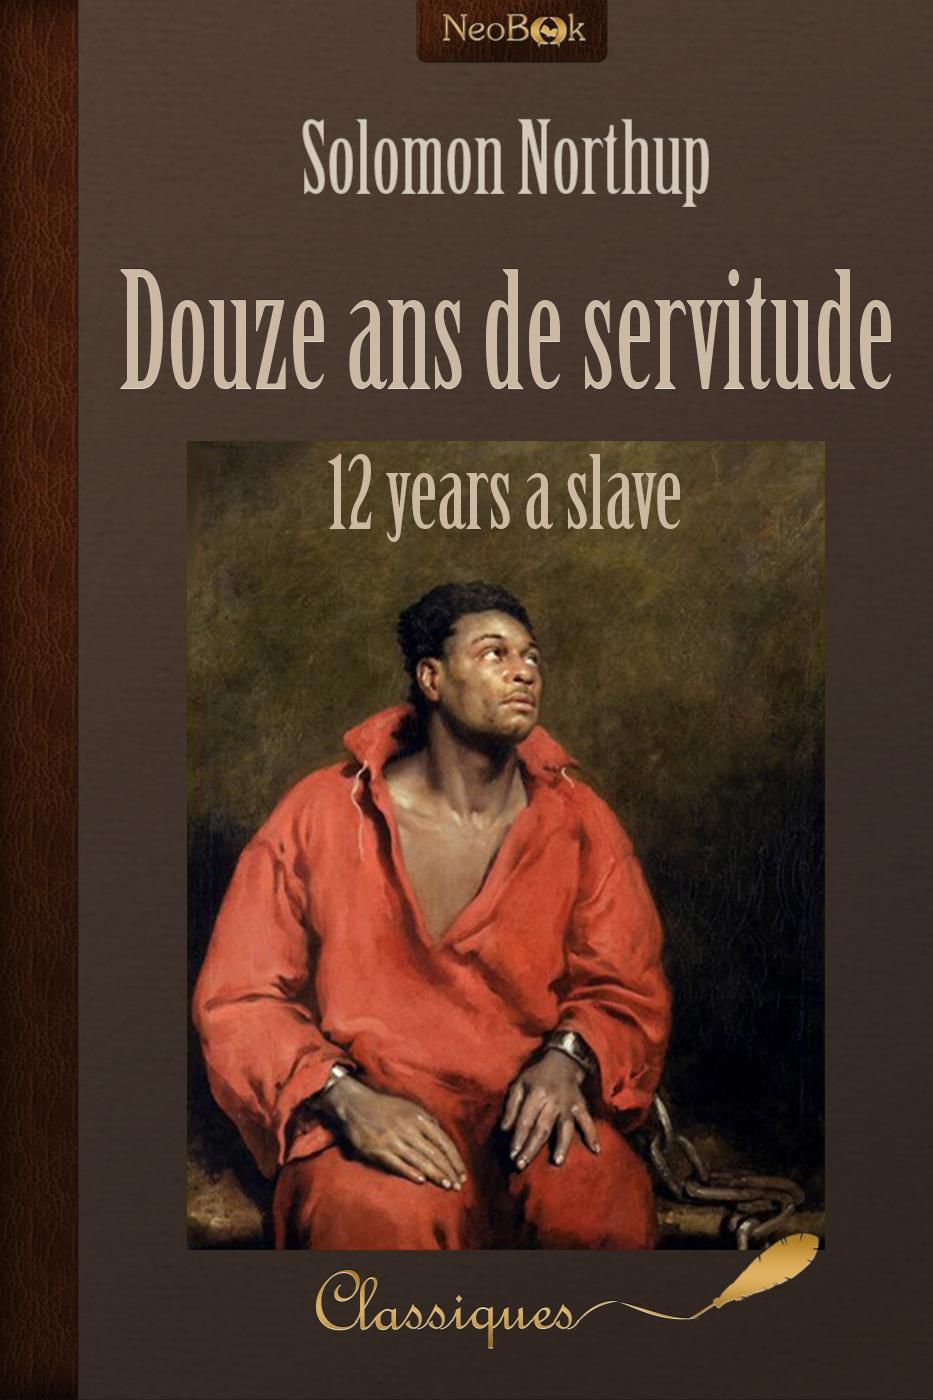 Douze ans de servitude, 12 YEARS A SLAVE